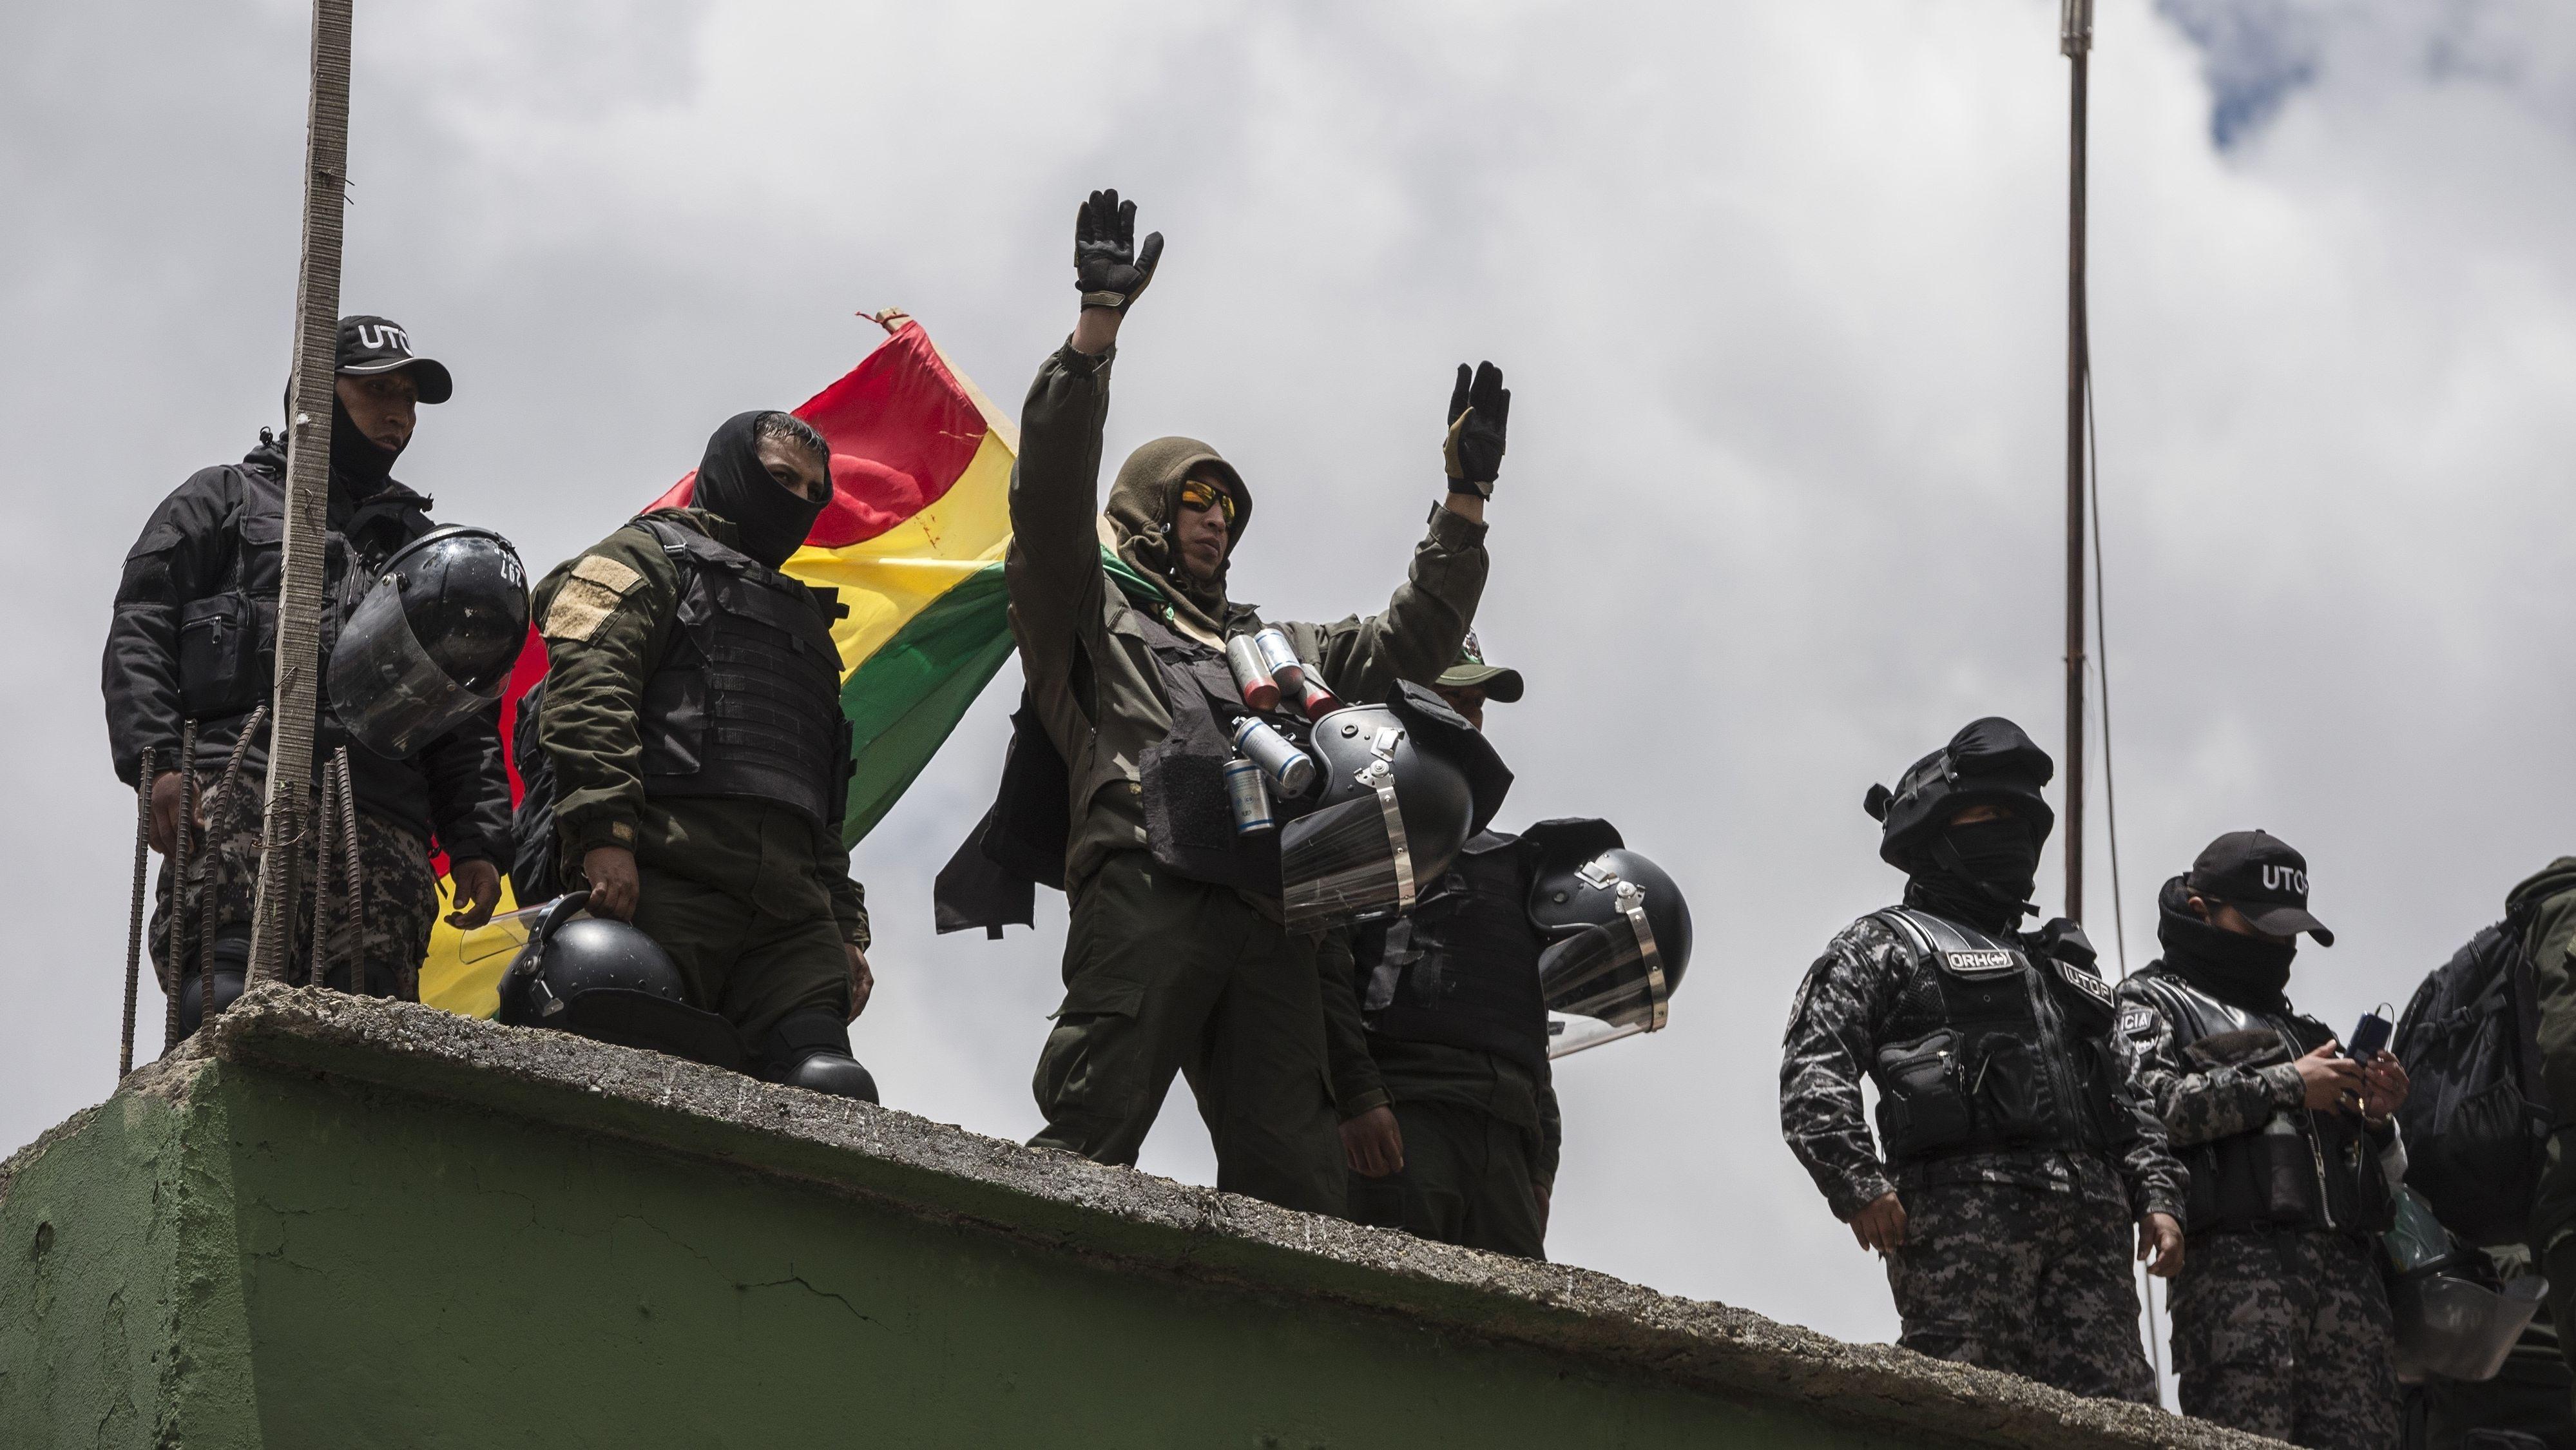 Polizisten grüßen Demonstranten vom Dach einer Polizeistation in La Paz, Bolivien.